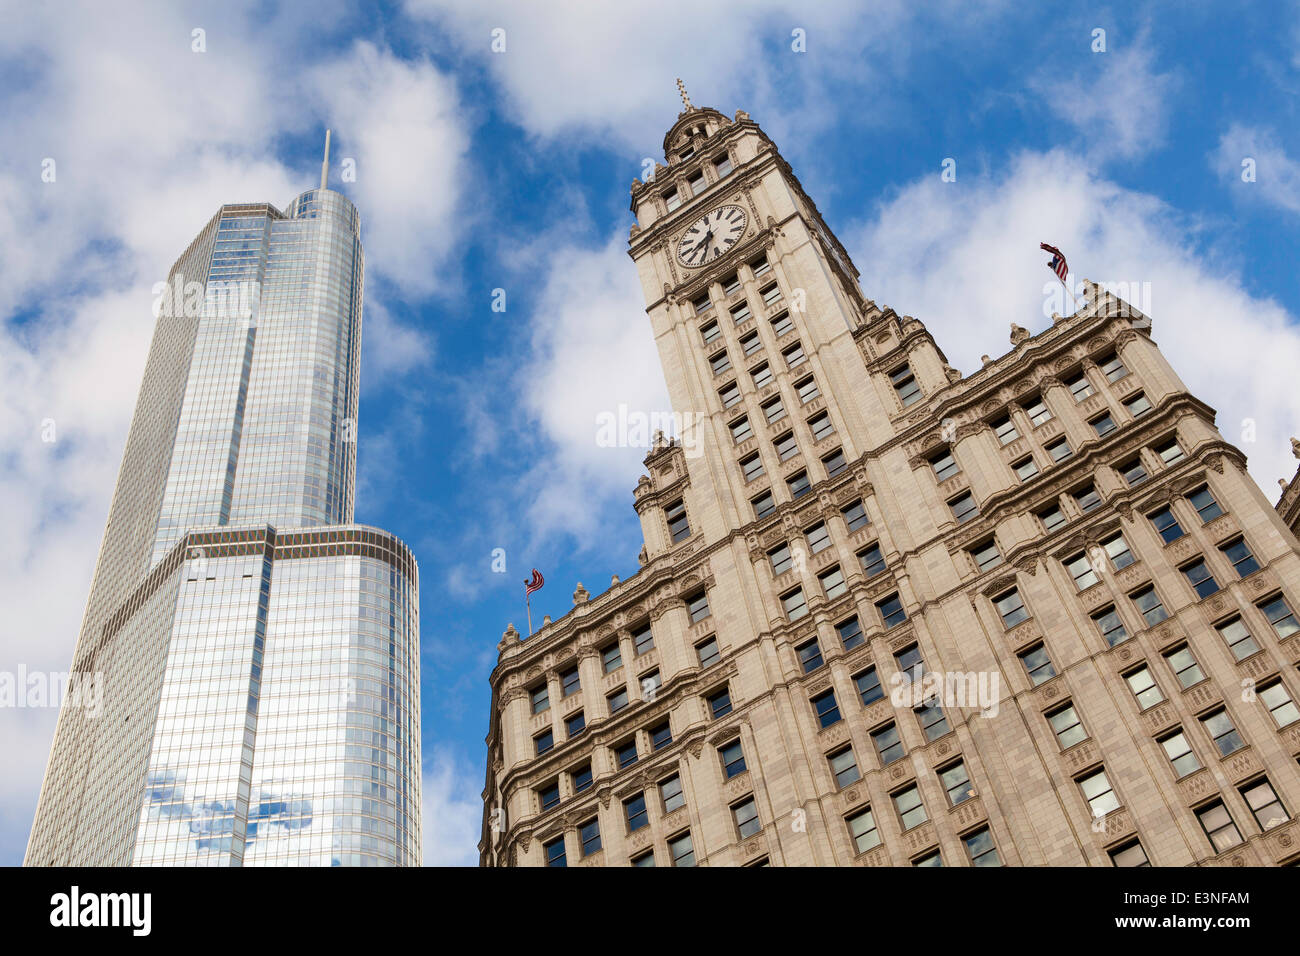 Architettura del centro di Chicago, Illinois, Stati Uniti d'America Immagini Stock